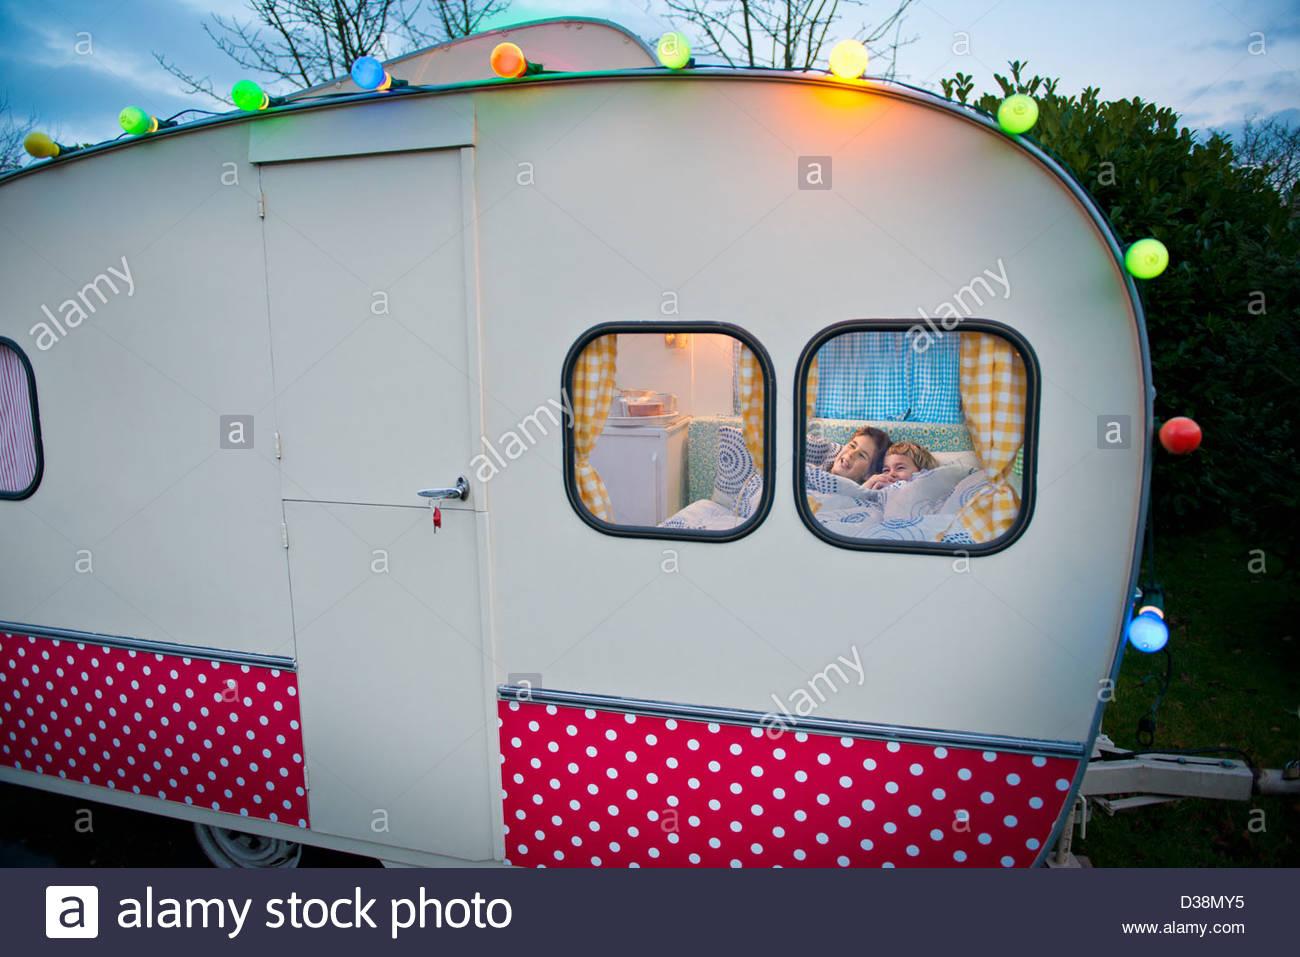 Los niños en la cama relax en camper Imagen De Stock